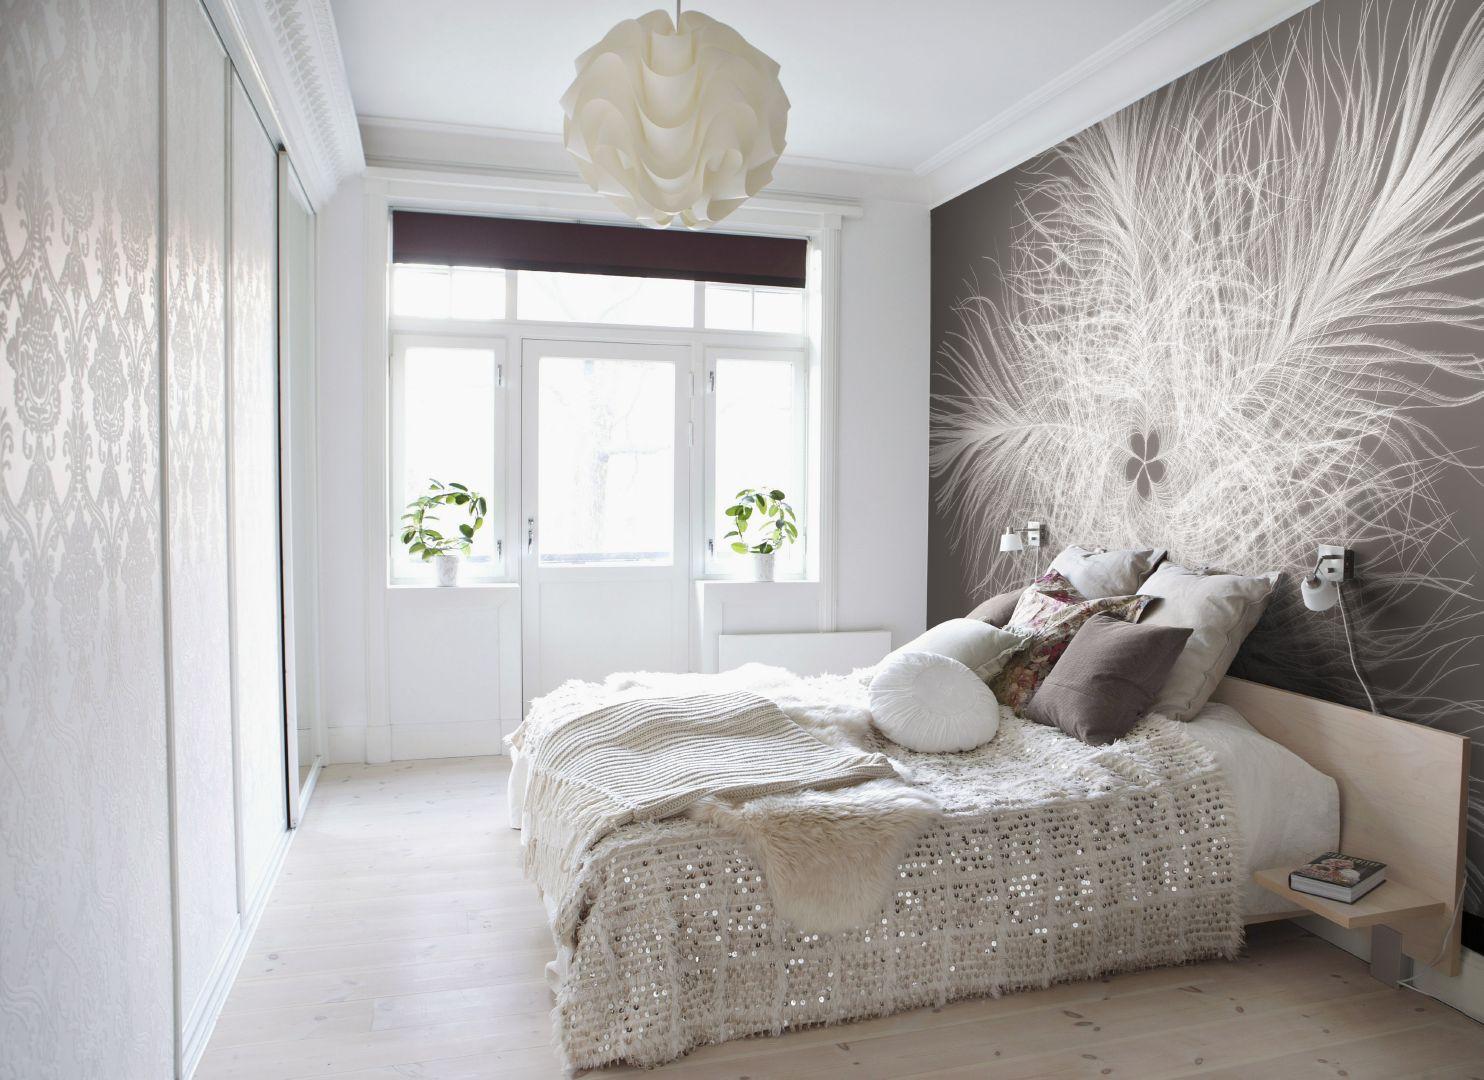 весной, отмечают оформление спальной комнаты с фотообоями красивые живописные места